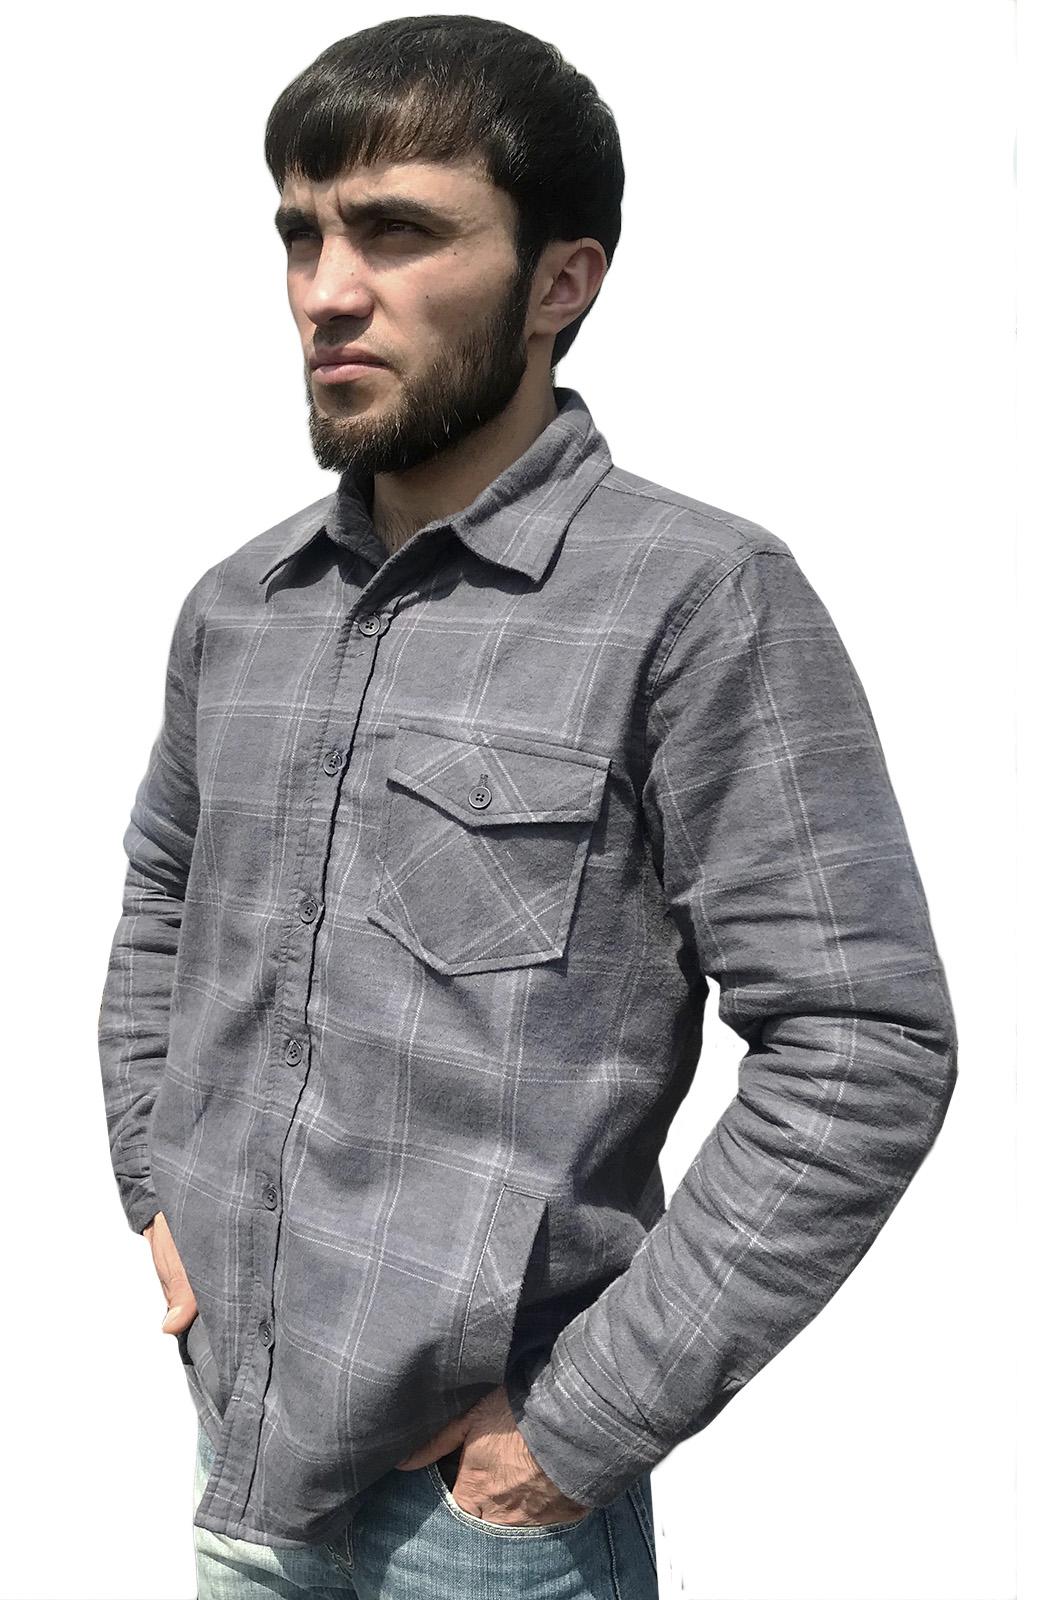 Мужская рубашка с эмблемой Черноморского флота купить выгодно